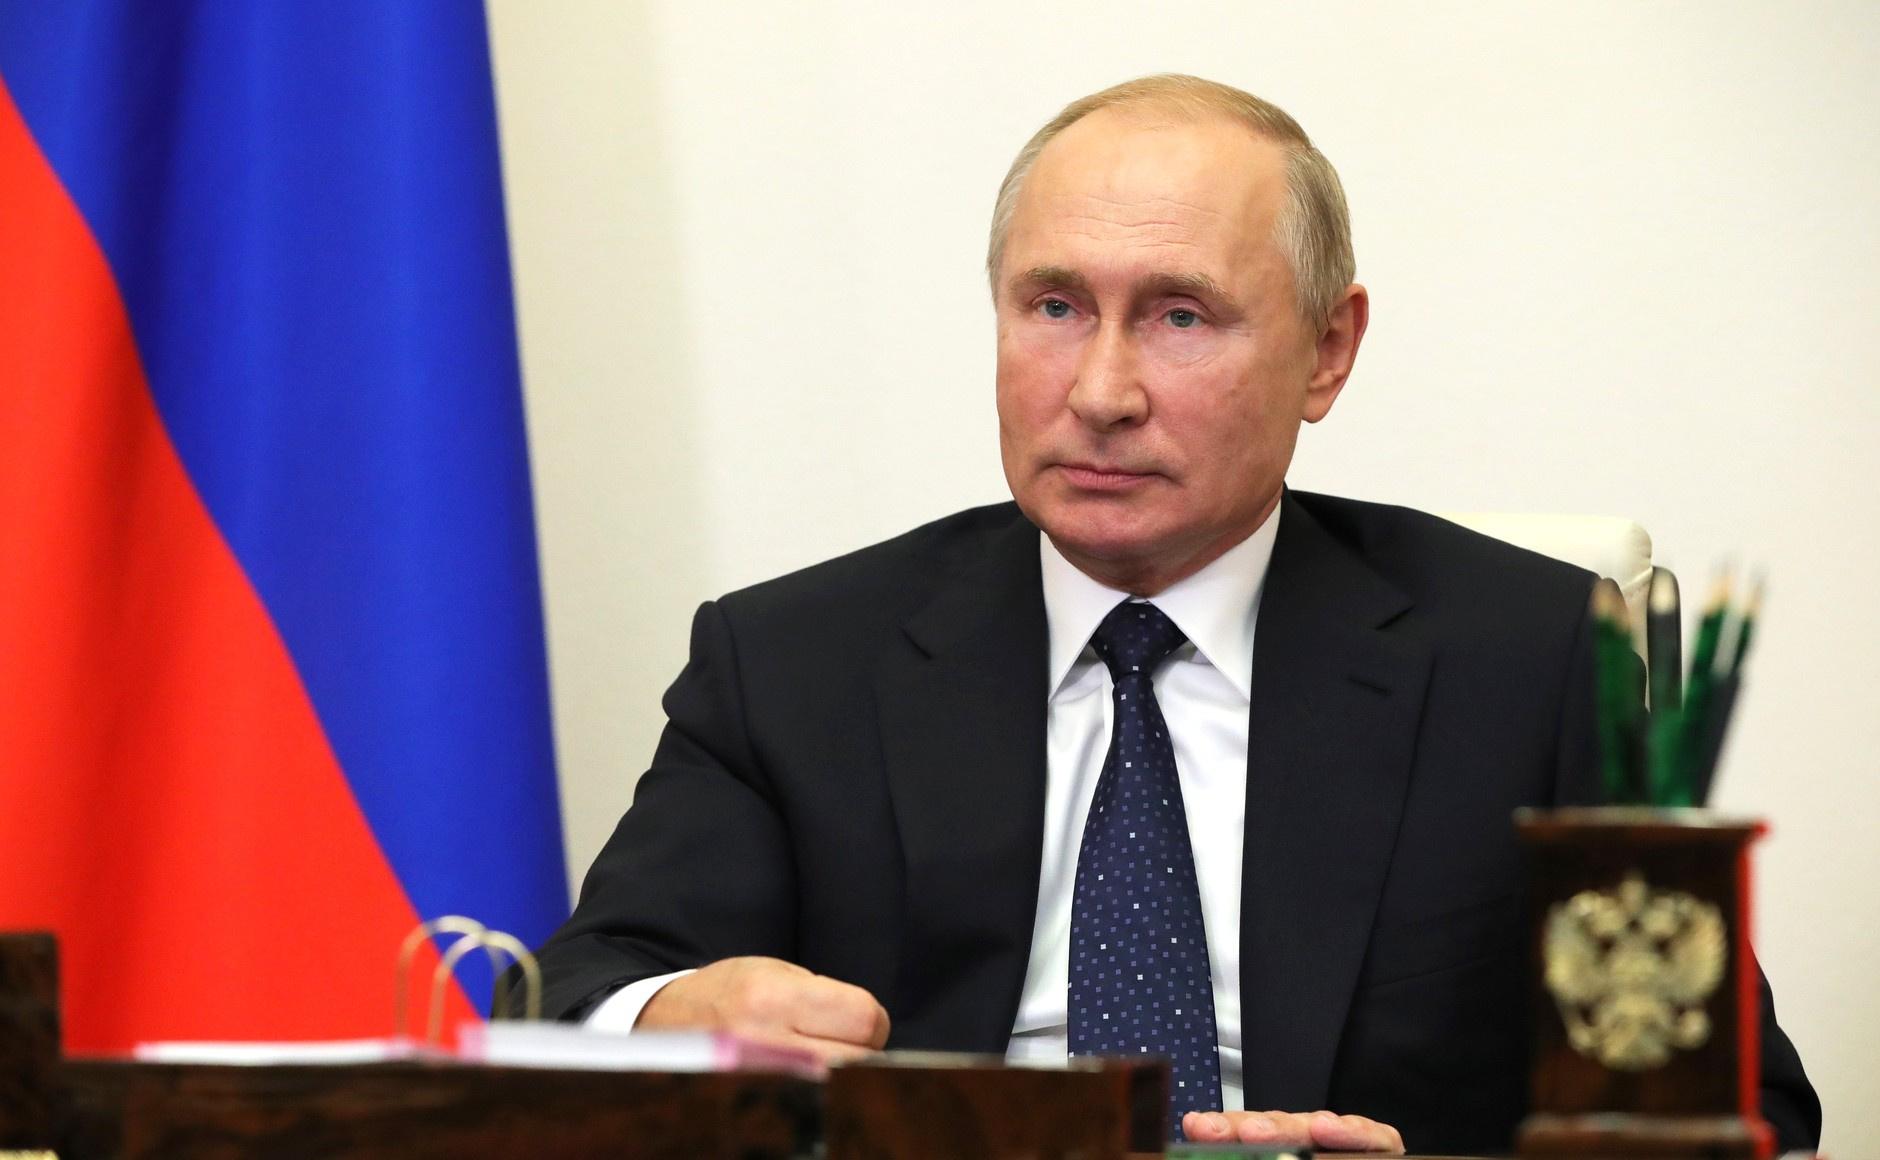 Путин выразил надежду, что мир сможет отказаться от эгоизма и алчности